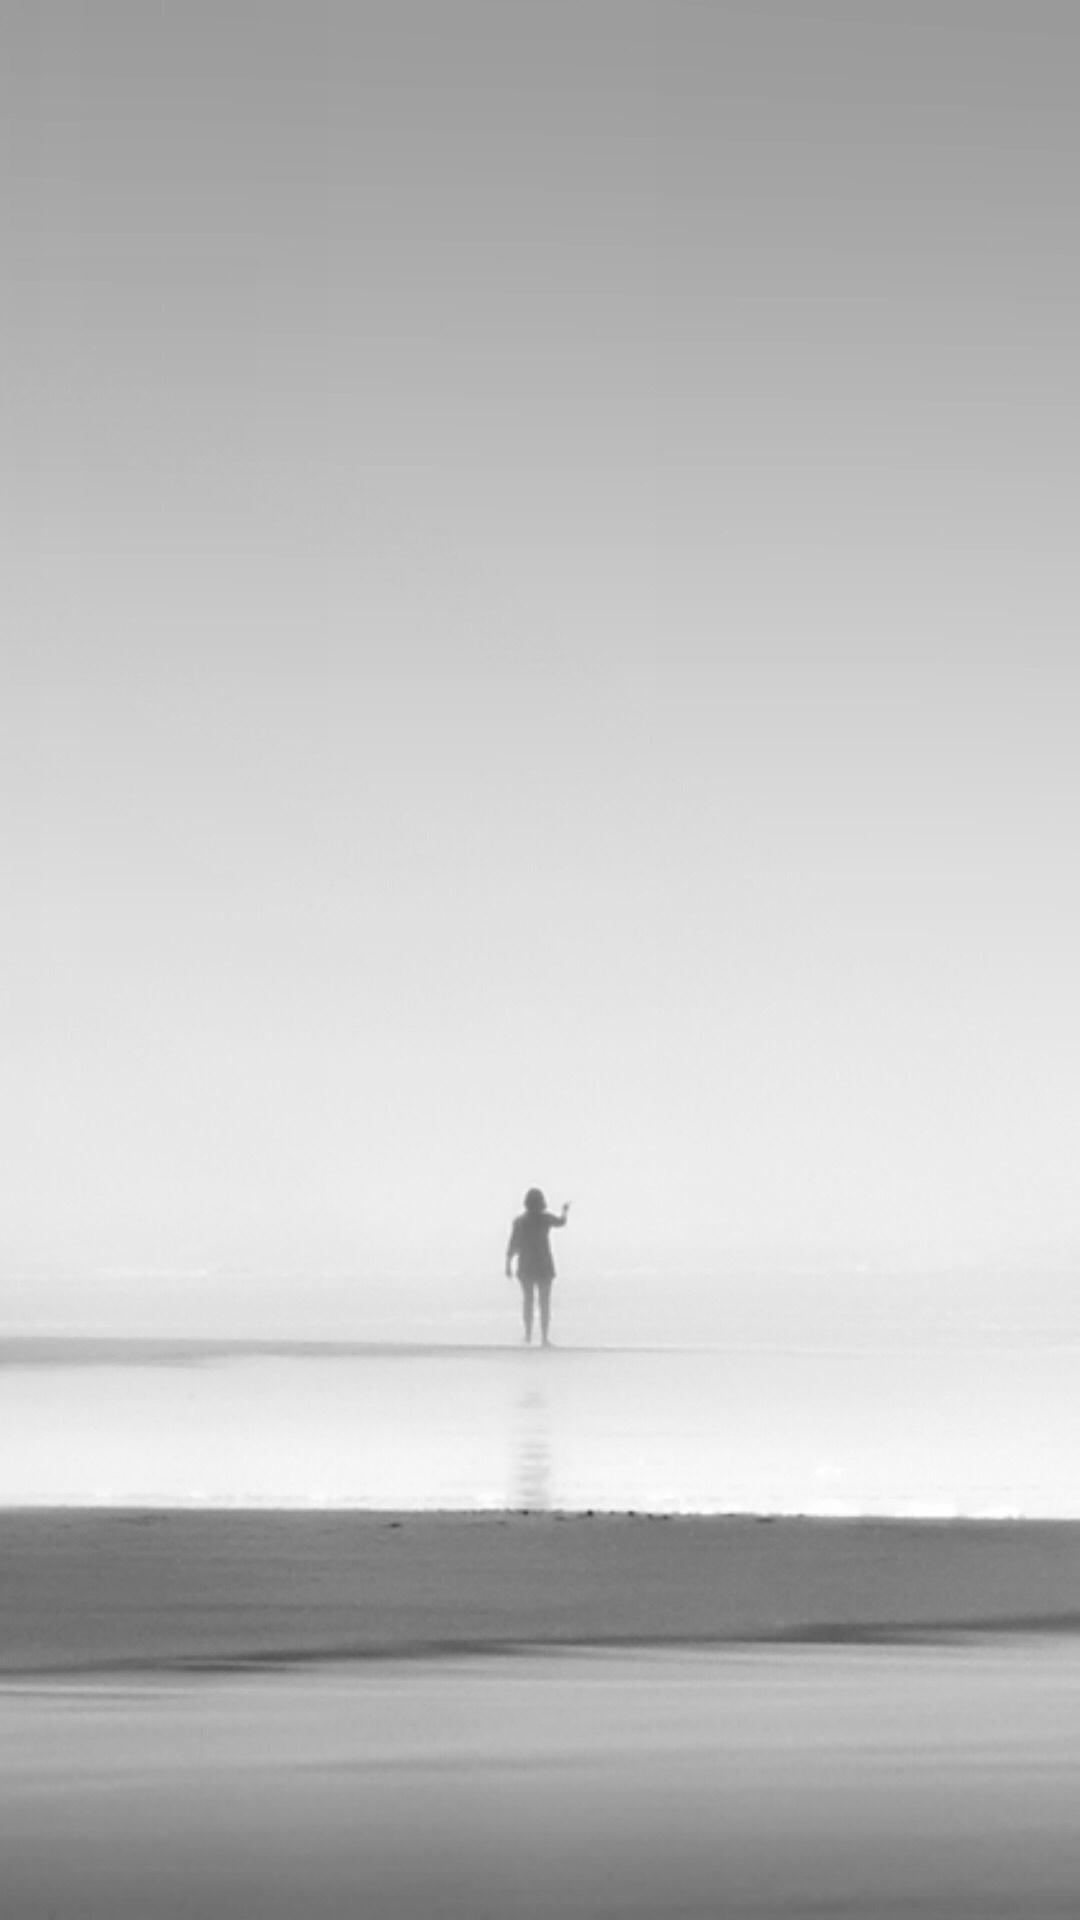 有没有什么感觉孤独却又高逼格的头像或壁纸?